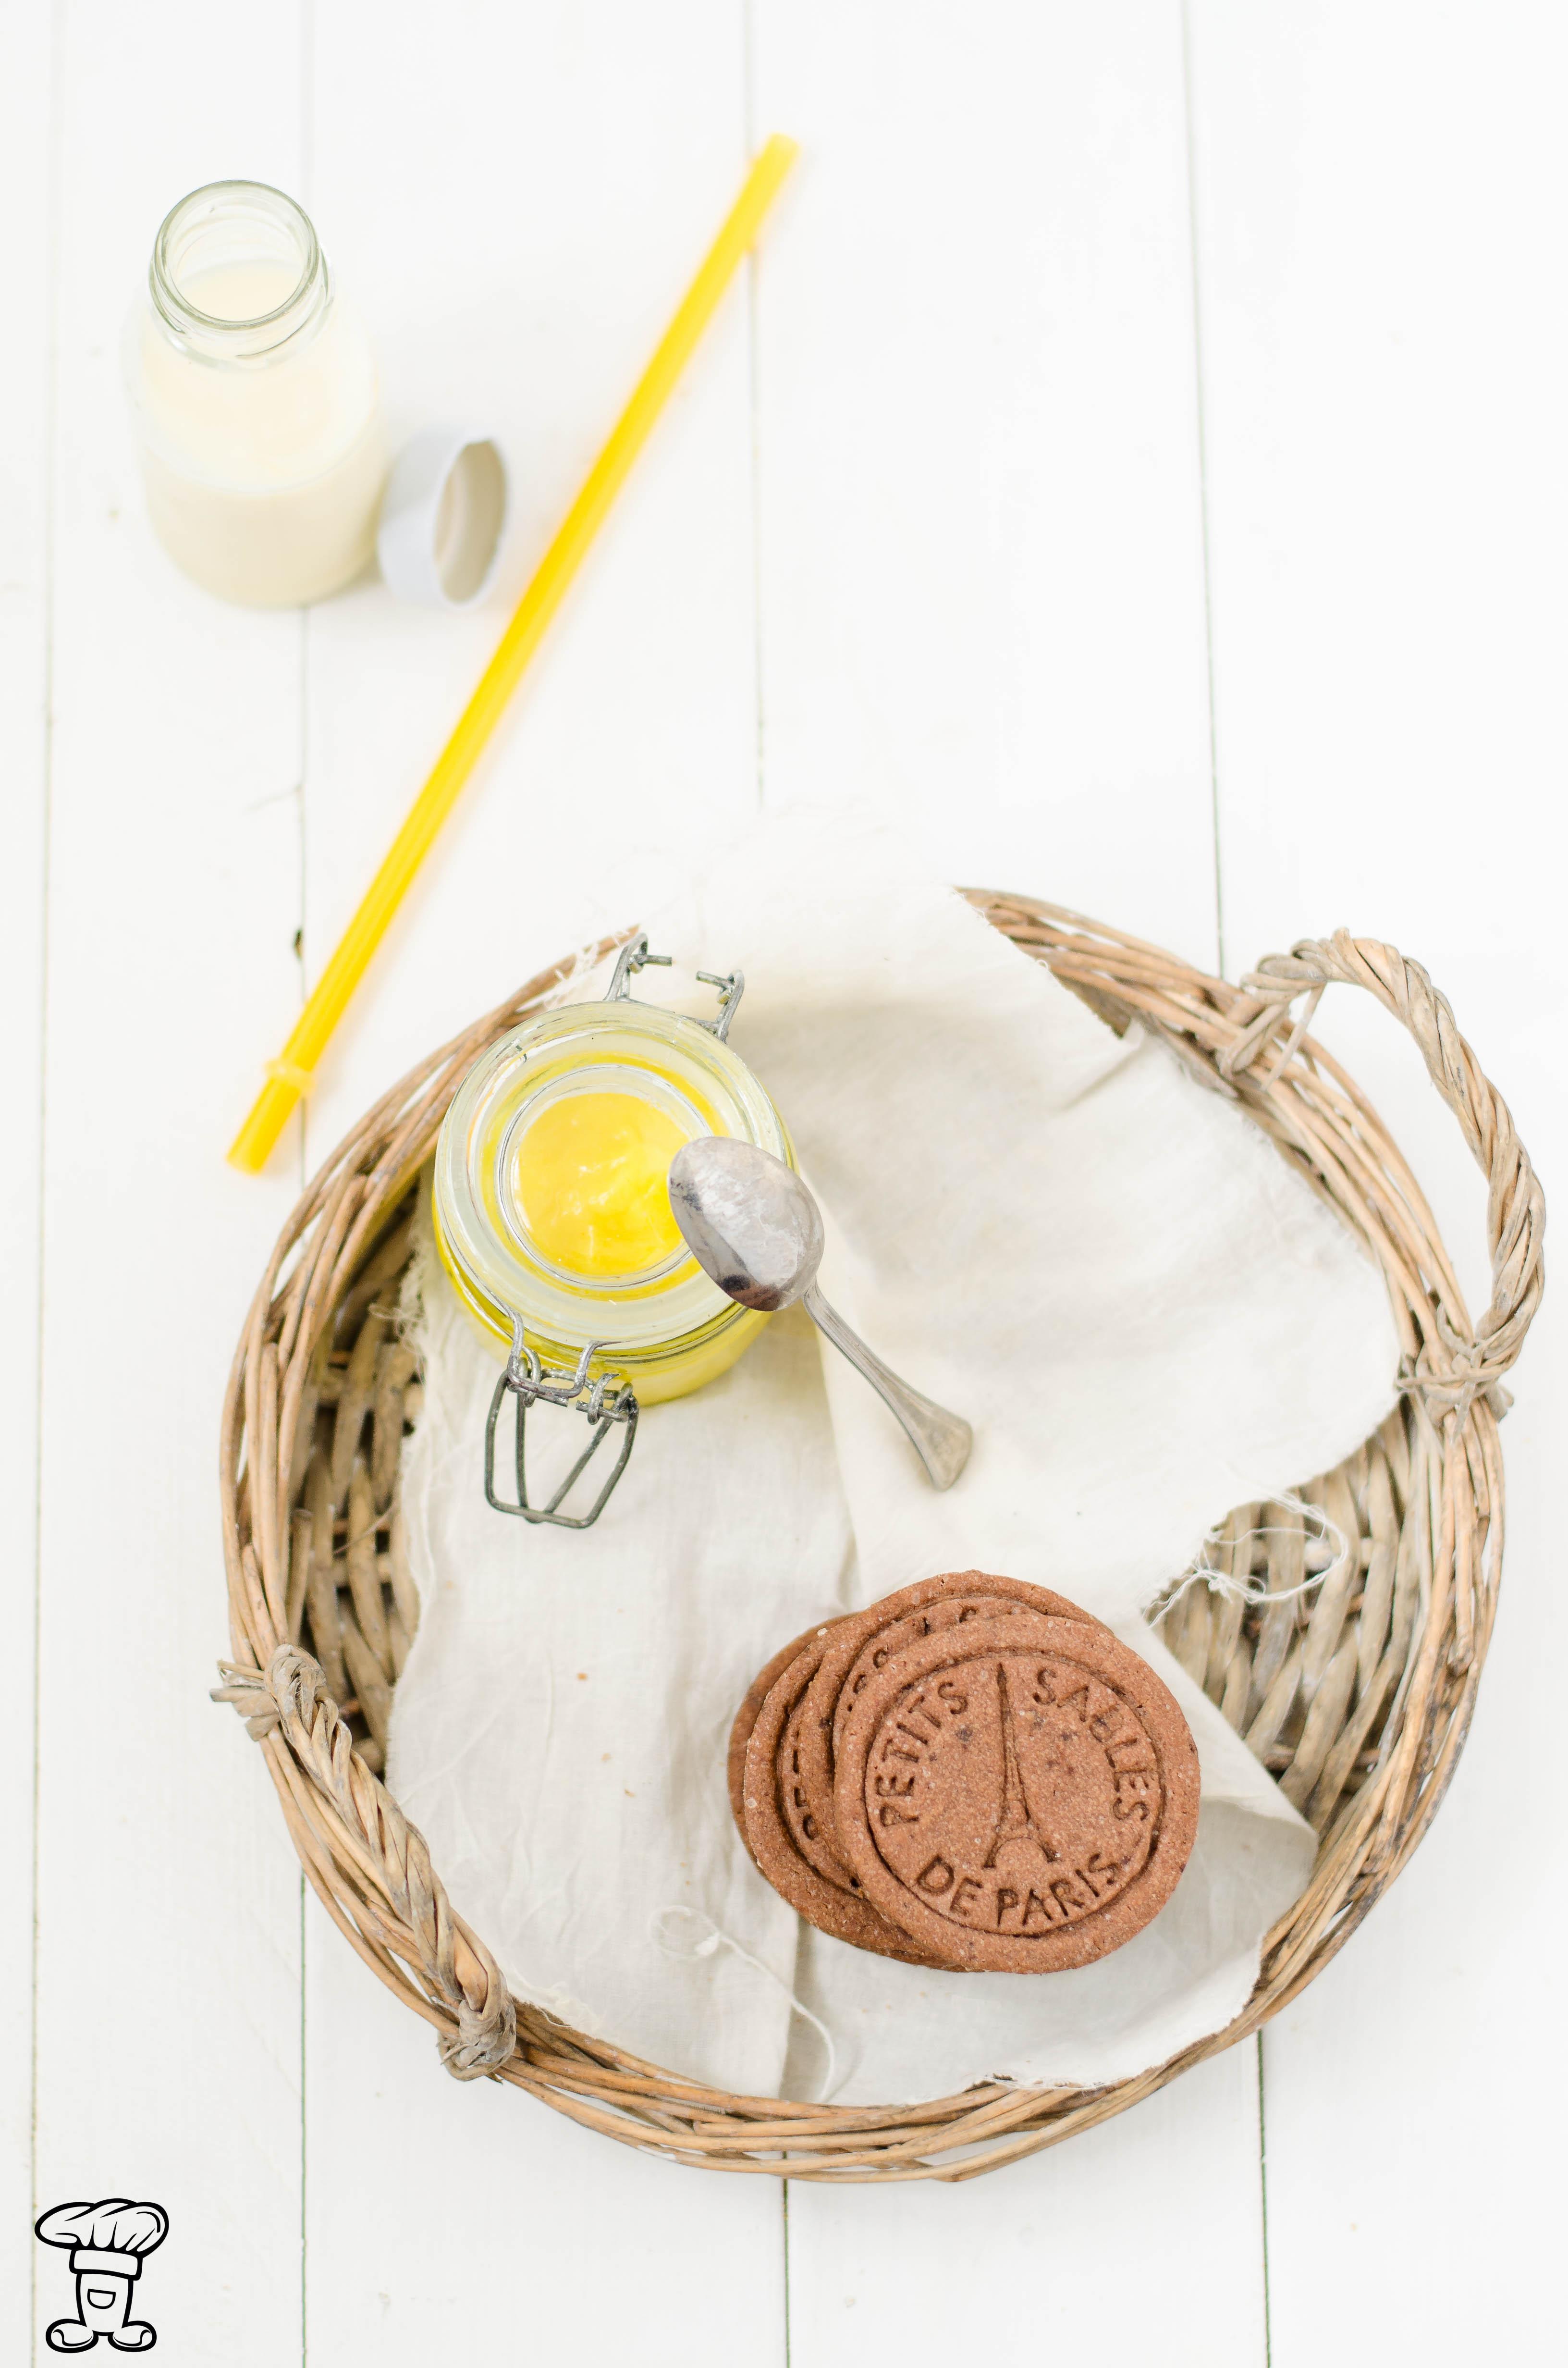 Biscotti-cacao-pepe-lemon-curcuma Biscotti al cacao e pepe ripieni di lemon curd alla curcuma